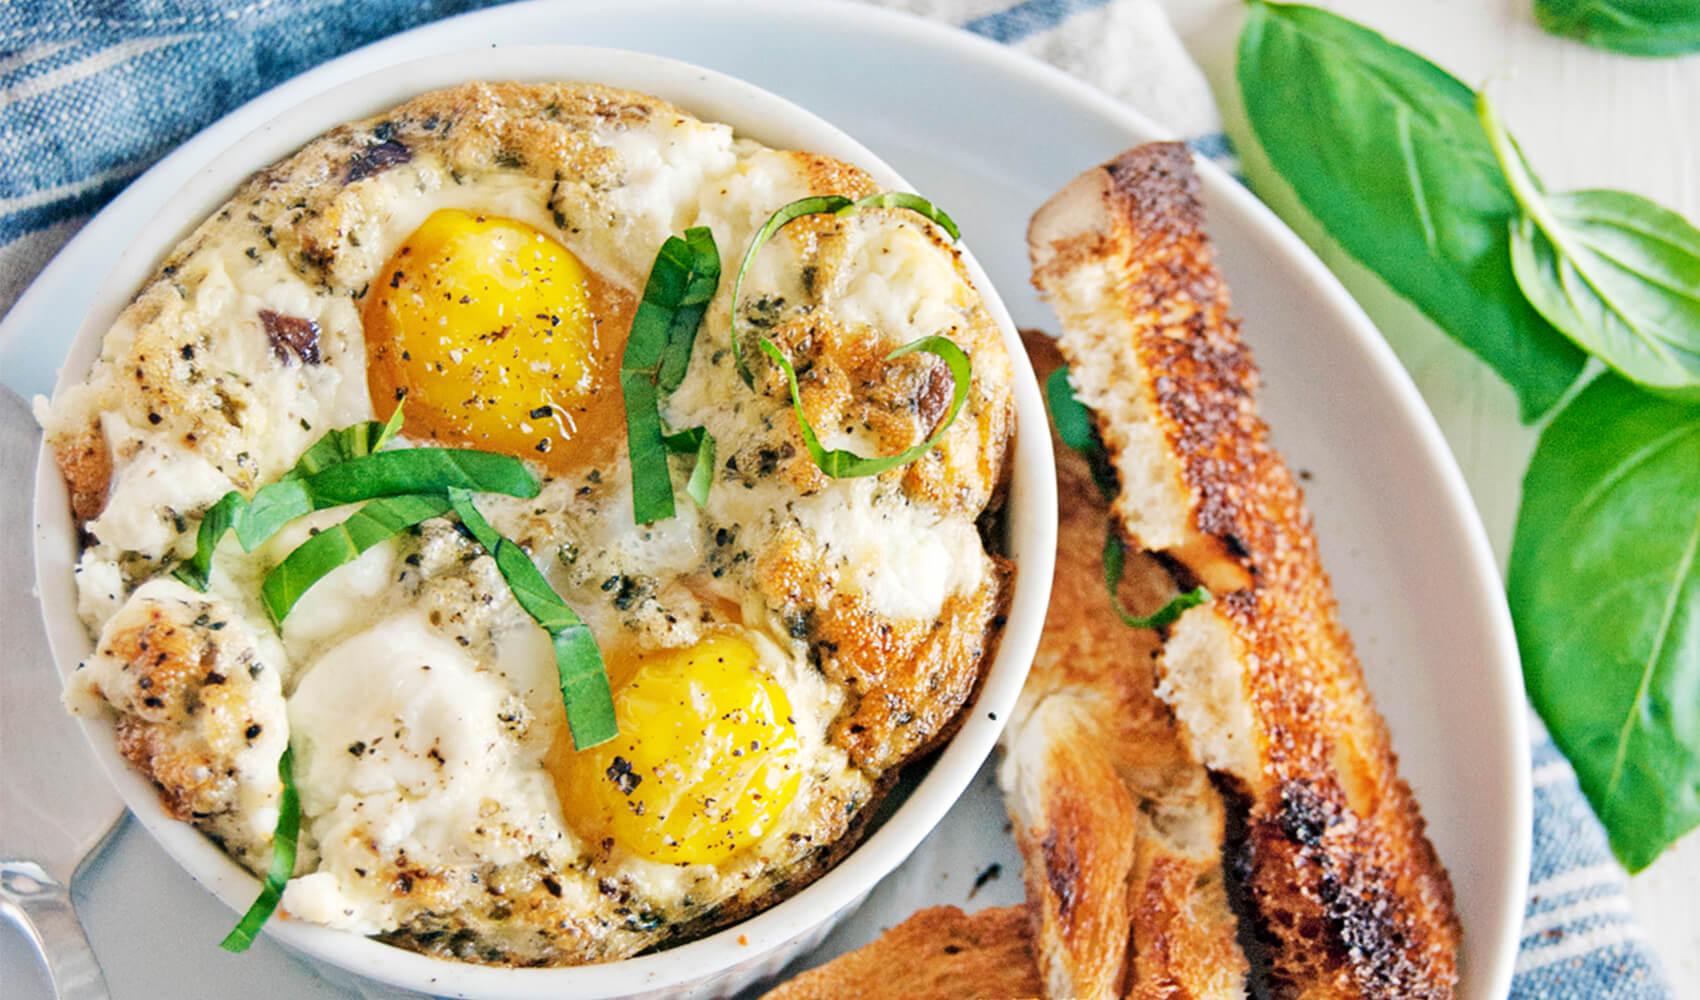 Mushroom & Shallot Egg Bakes